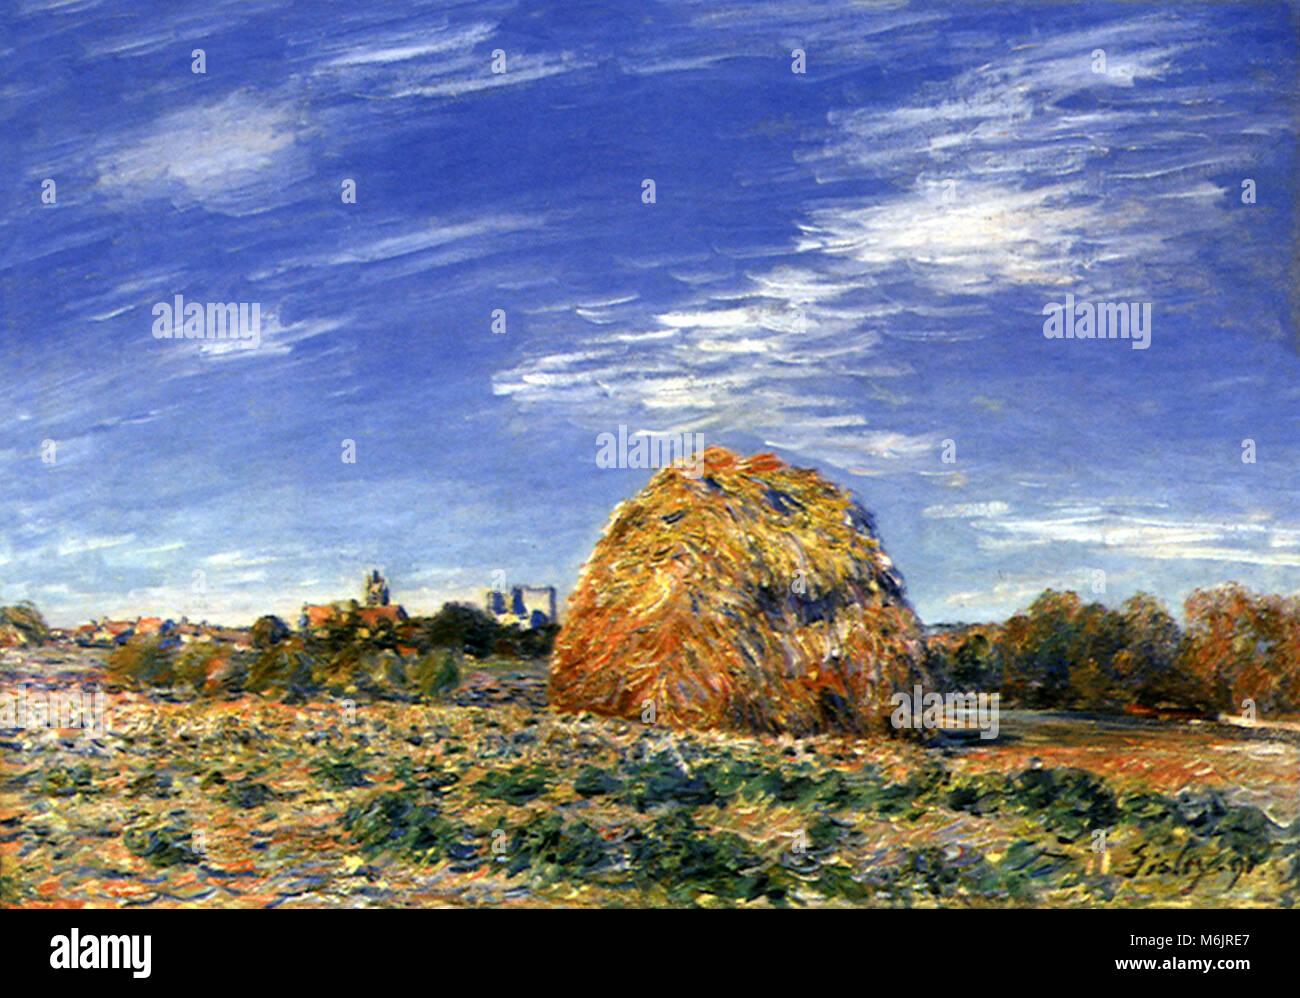 Haystacks at Moret, Sisley, Alfred, 1891. - Stock Image